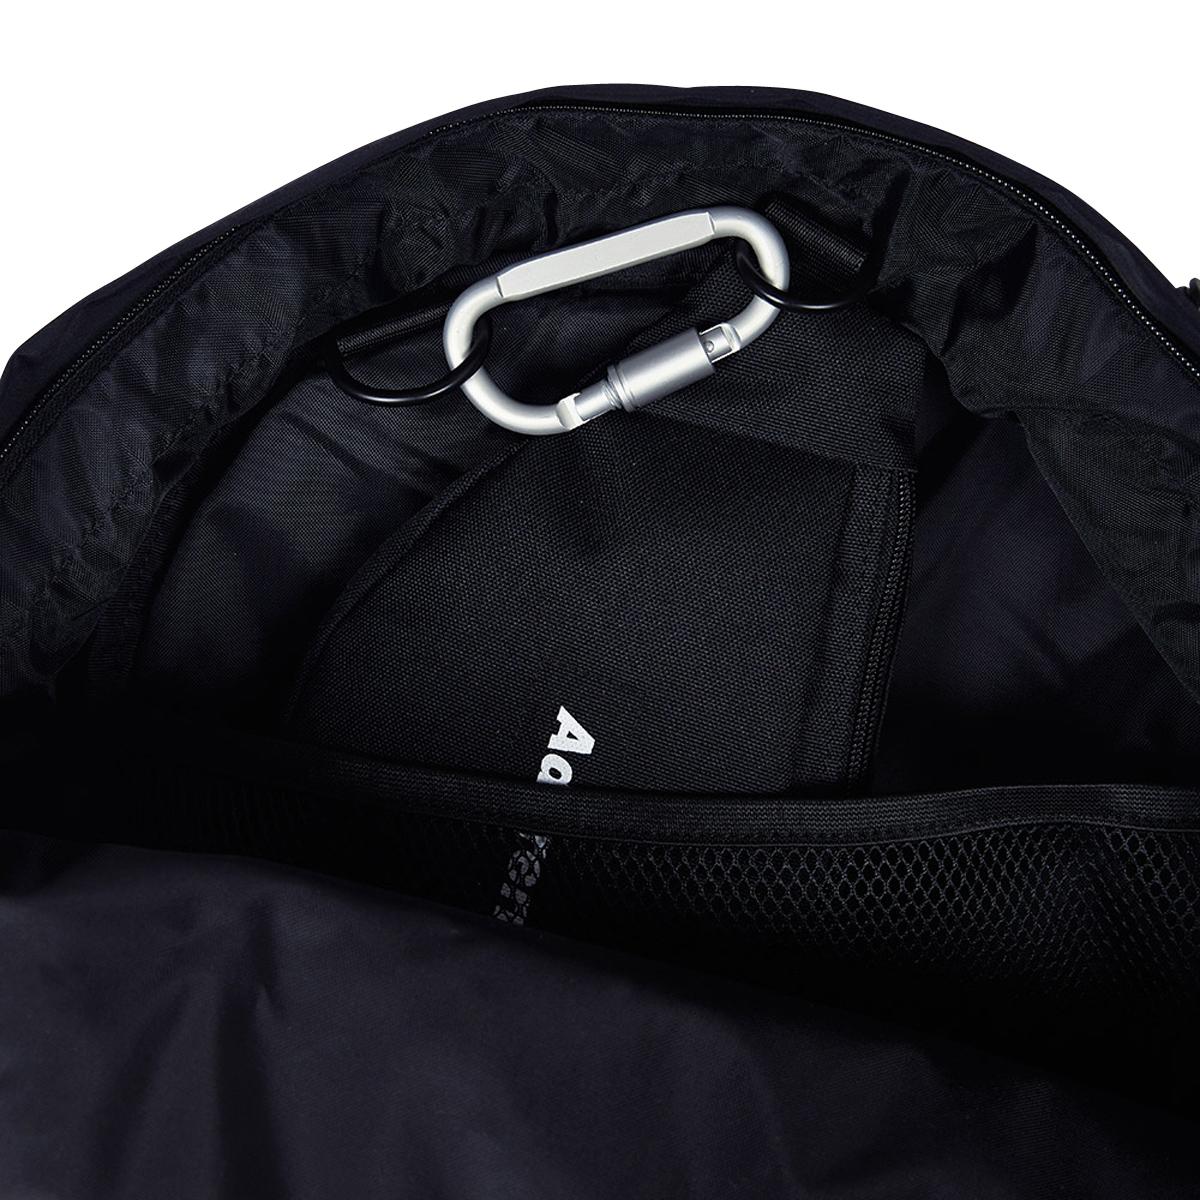 ADER Error Rivet Label 2way Bag